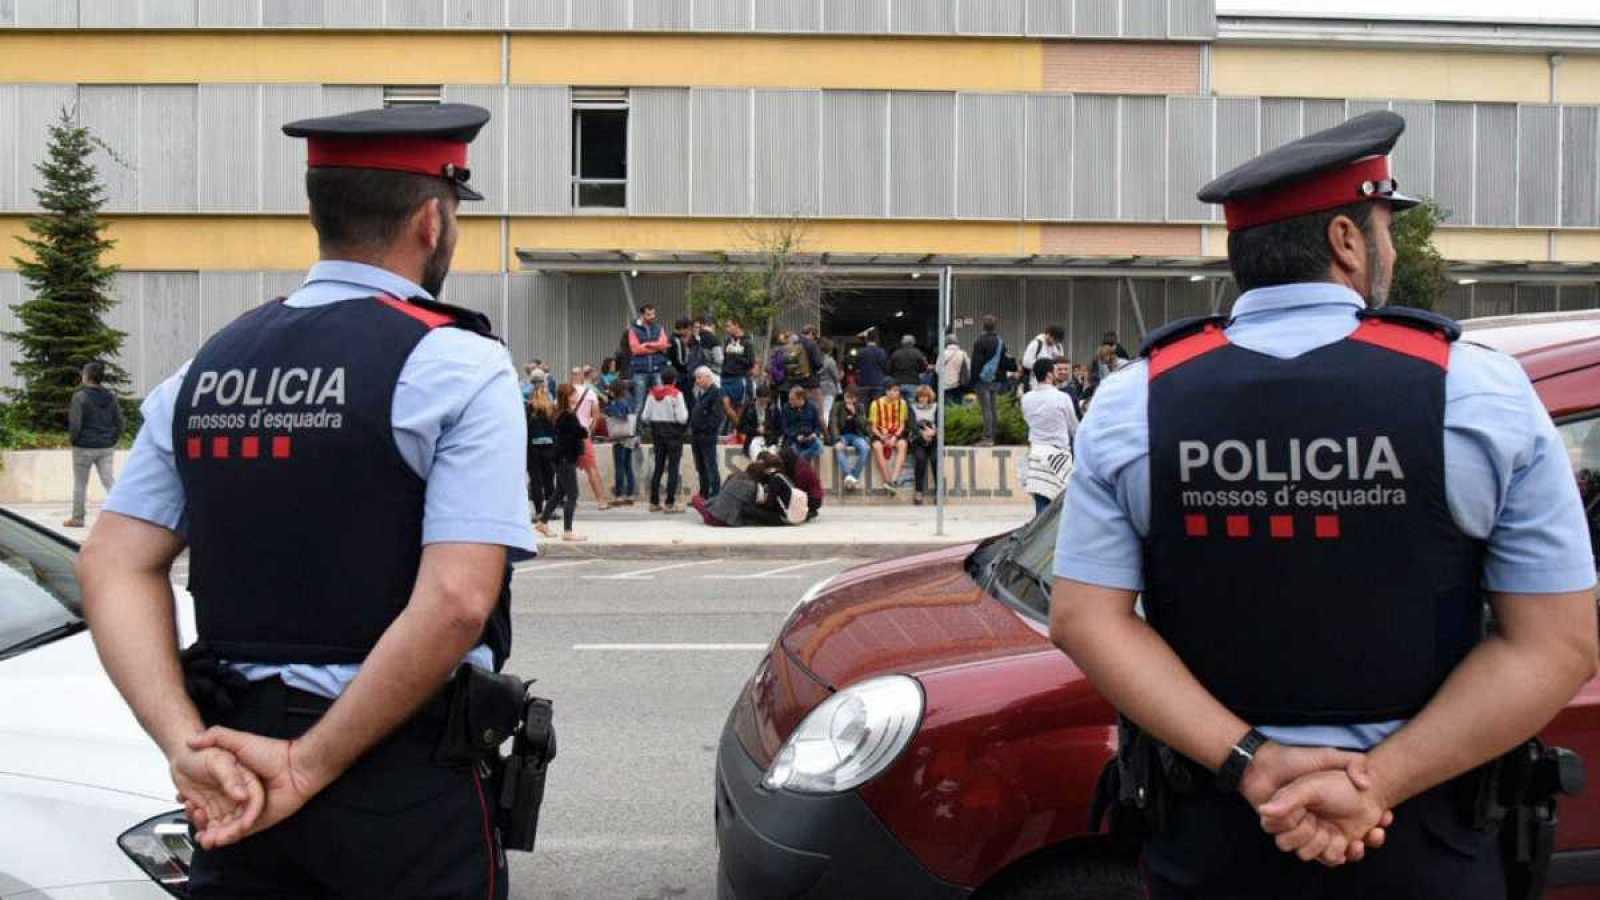 Edició Vespre - Catalunya prepara la normativa per poder decretar mesures excepcionals per frenar la pandèmia